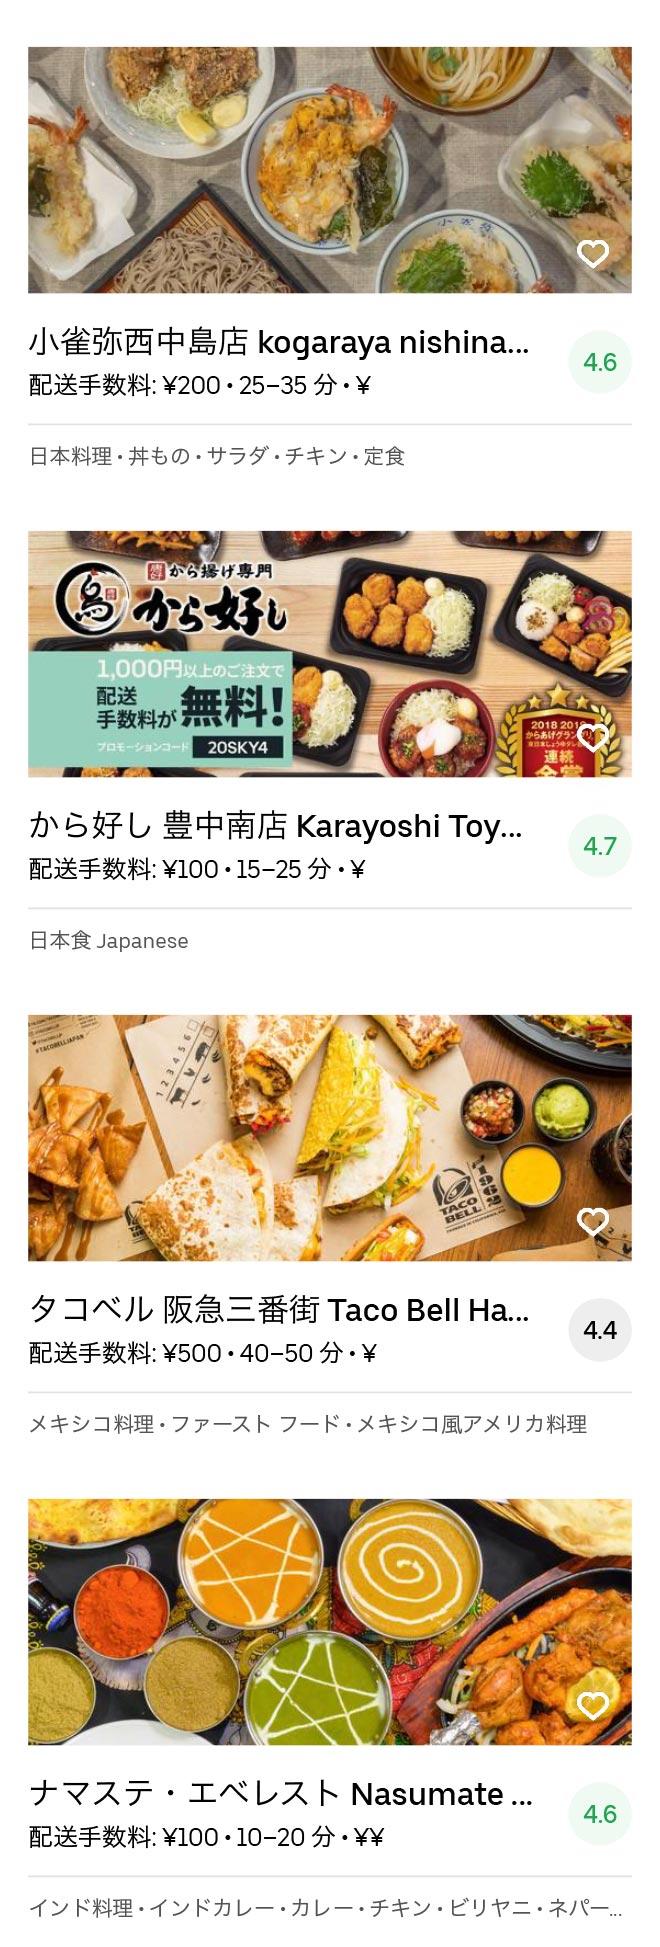 Toyonaka shounai menu 2005 09